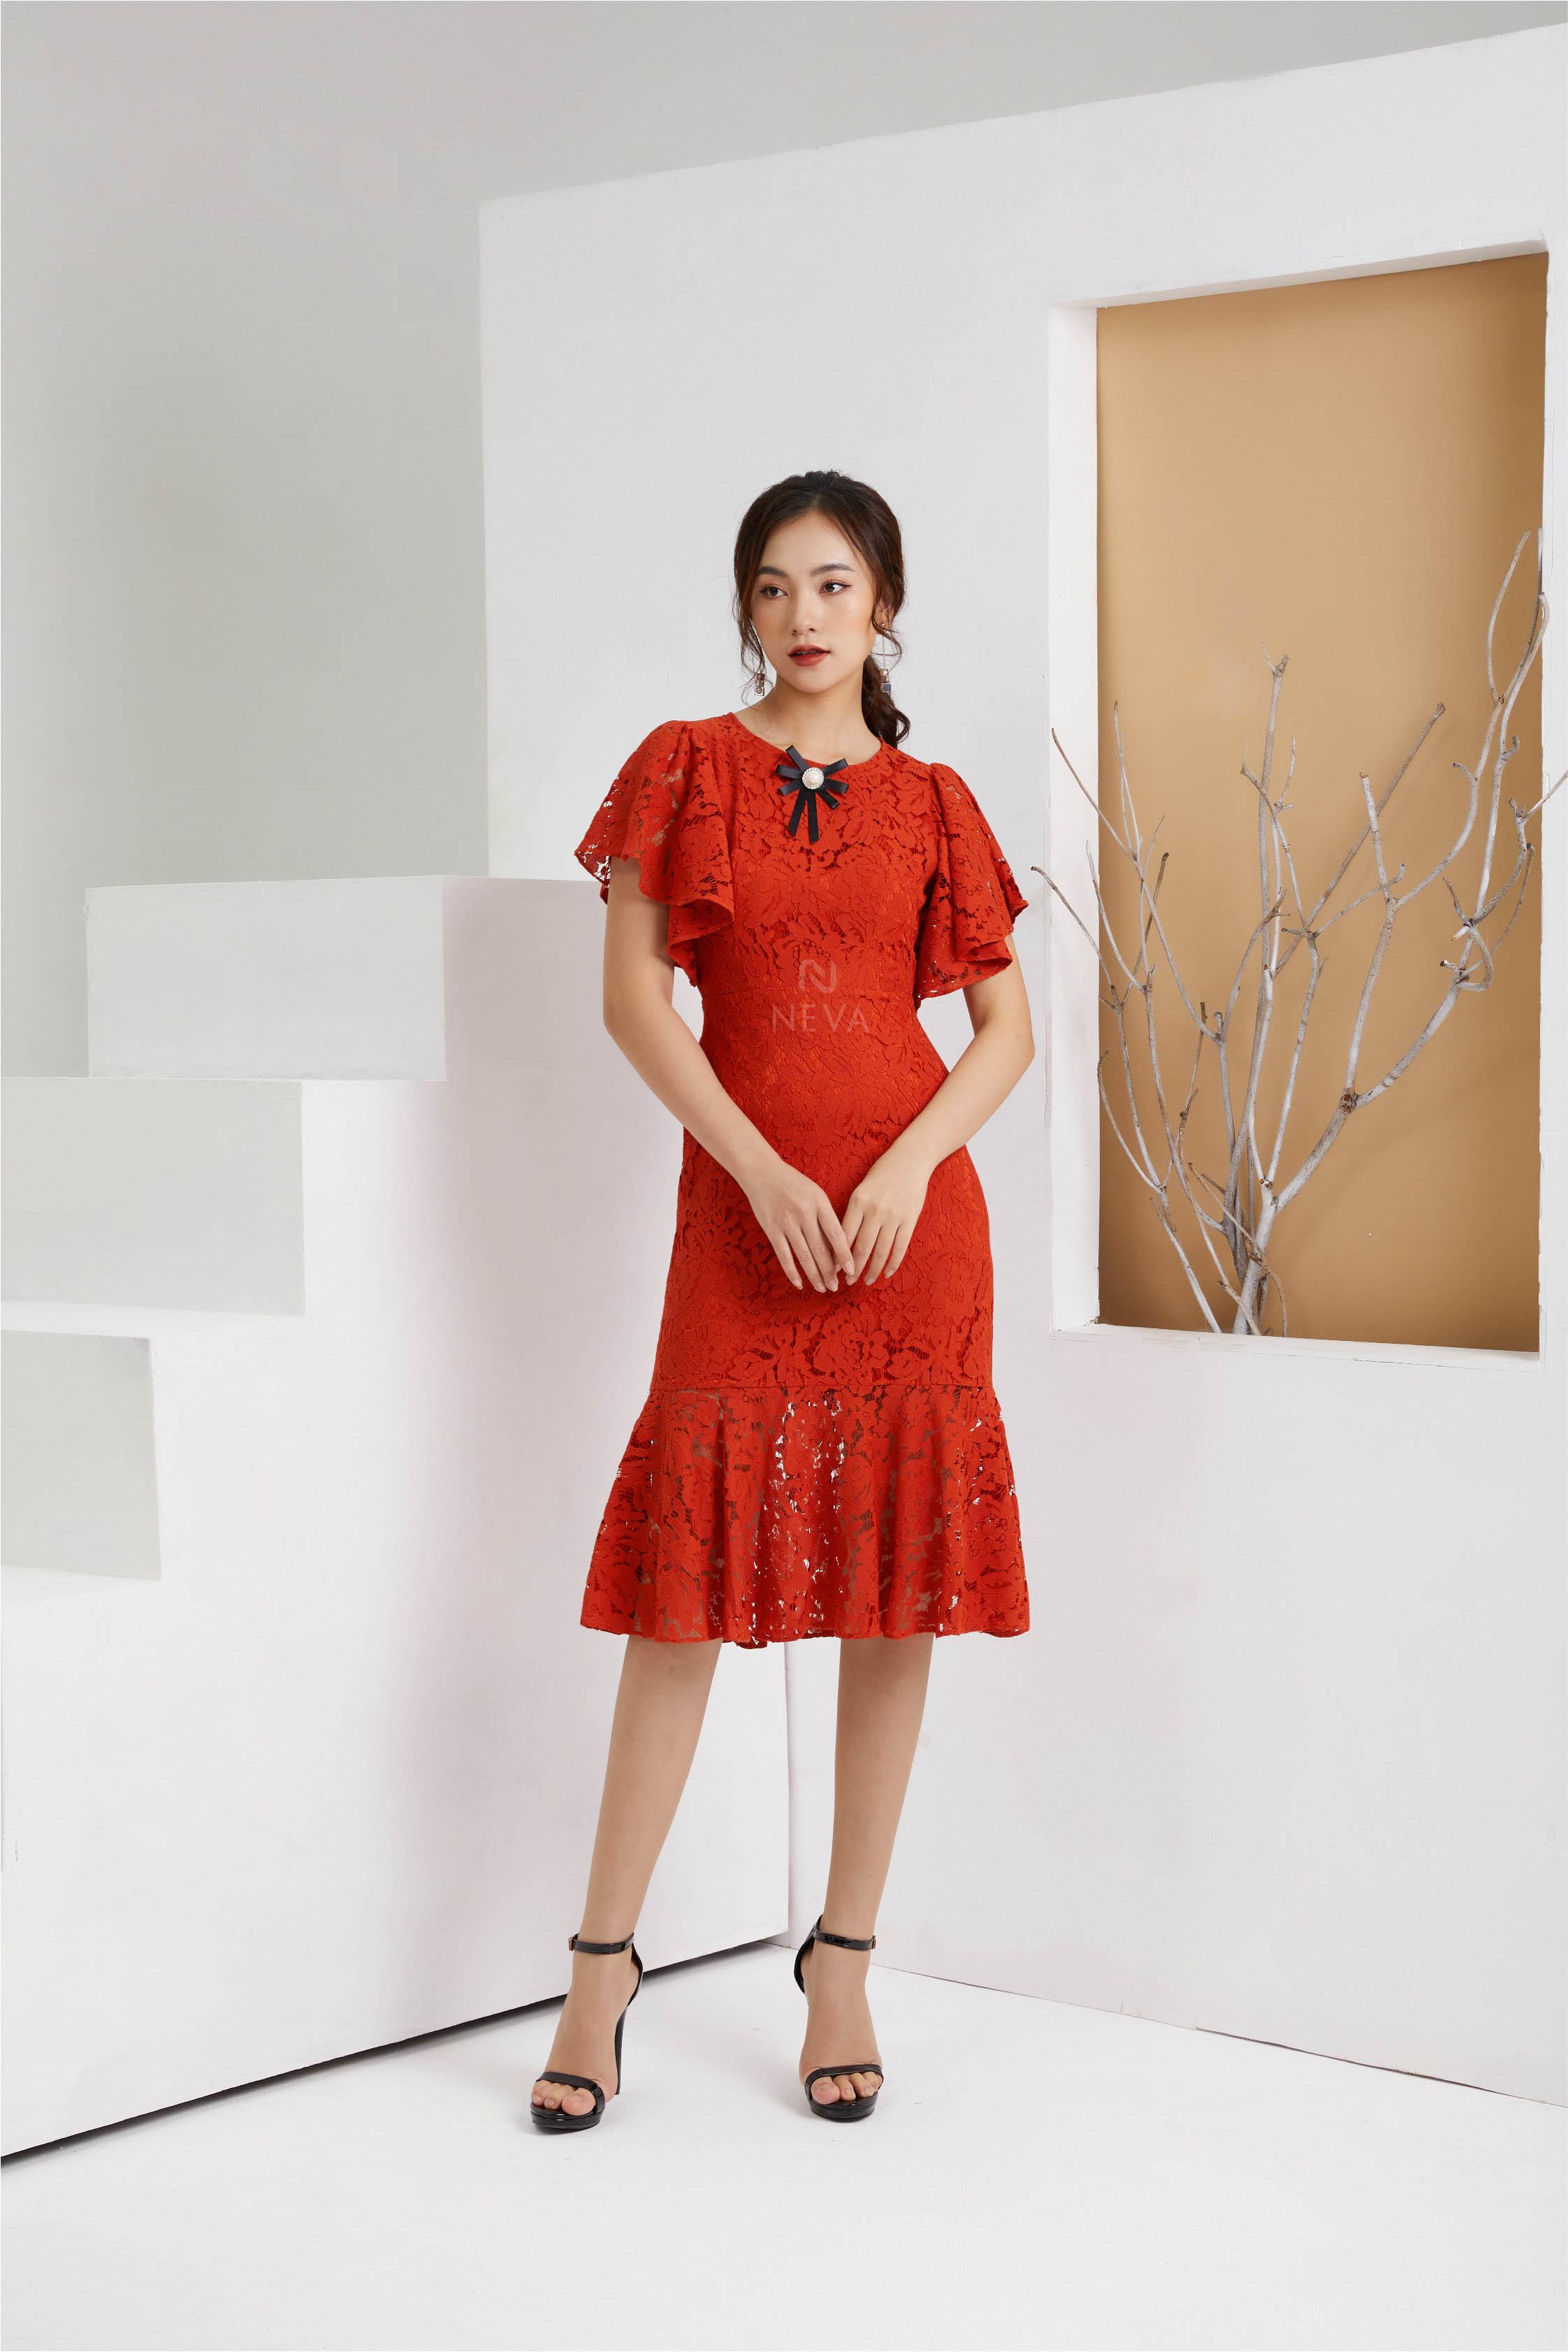 đầm đỏ mặc tết, váy đỏ diện tết, váy đỏ mặc tết